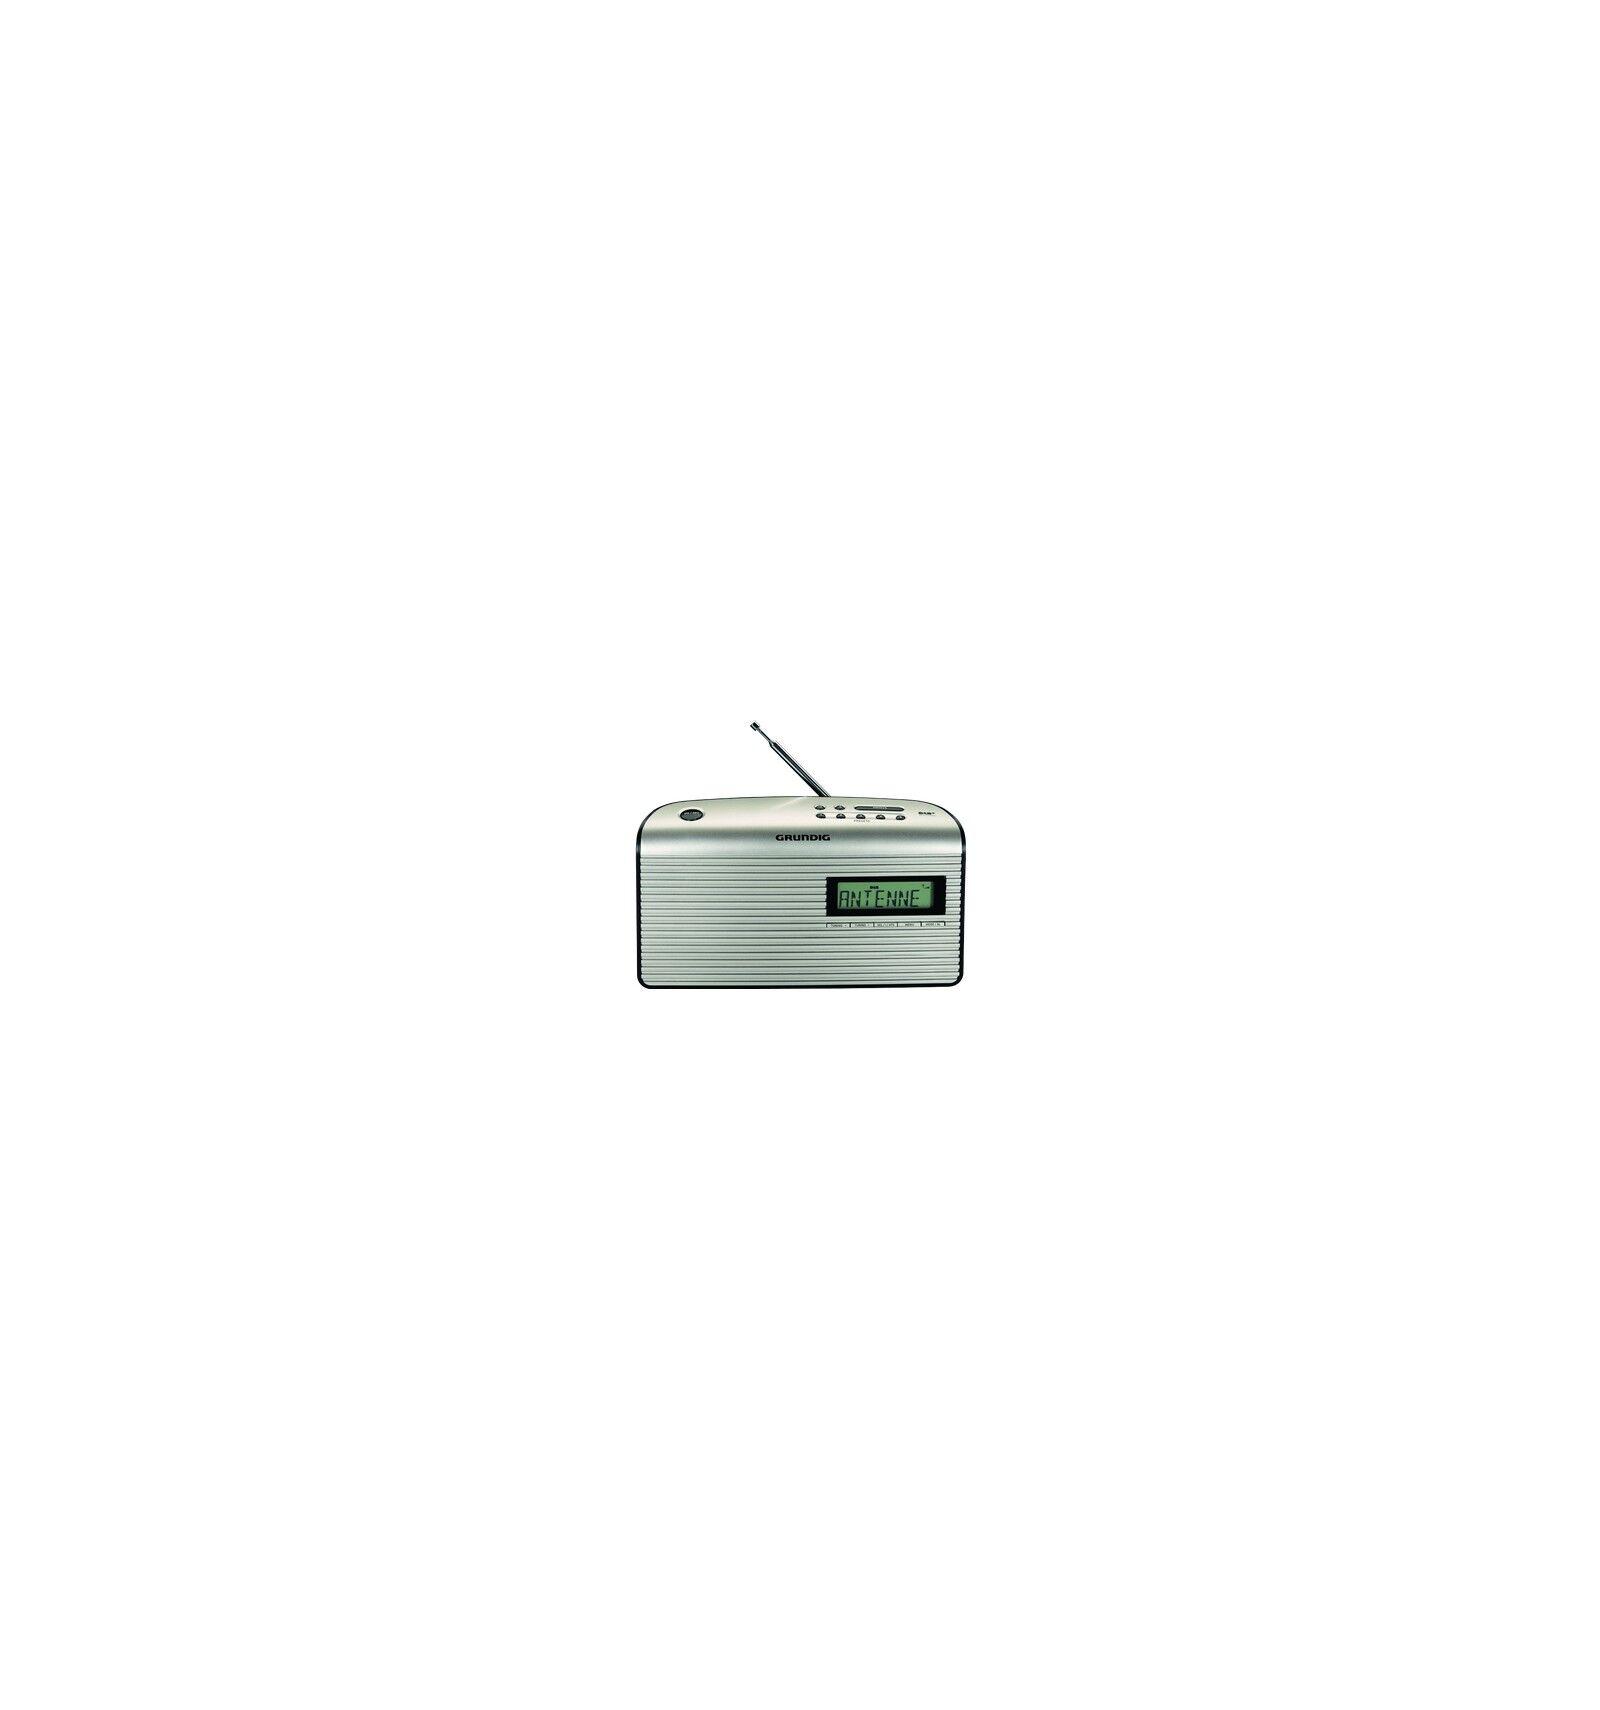 Grundig Music BP 7000 DAB+ radio Kannettava Analoginen & digitaalinen Musta, Helmi